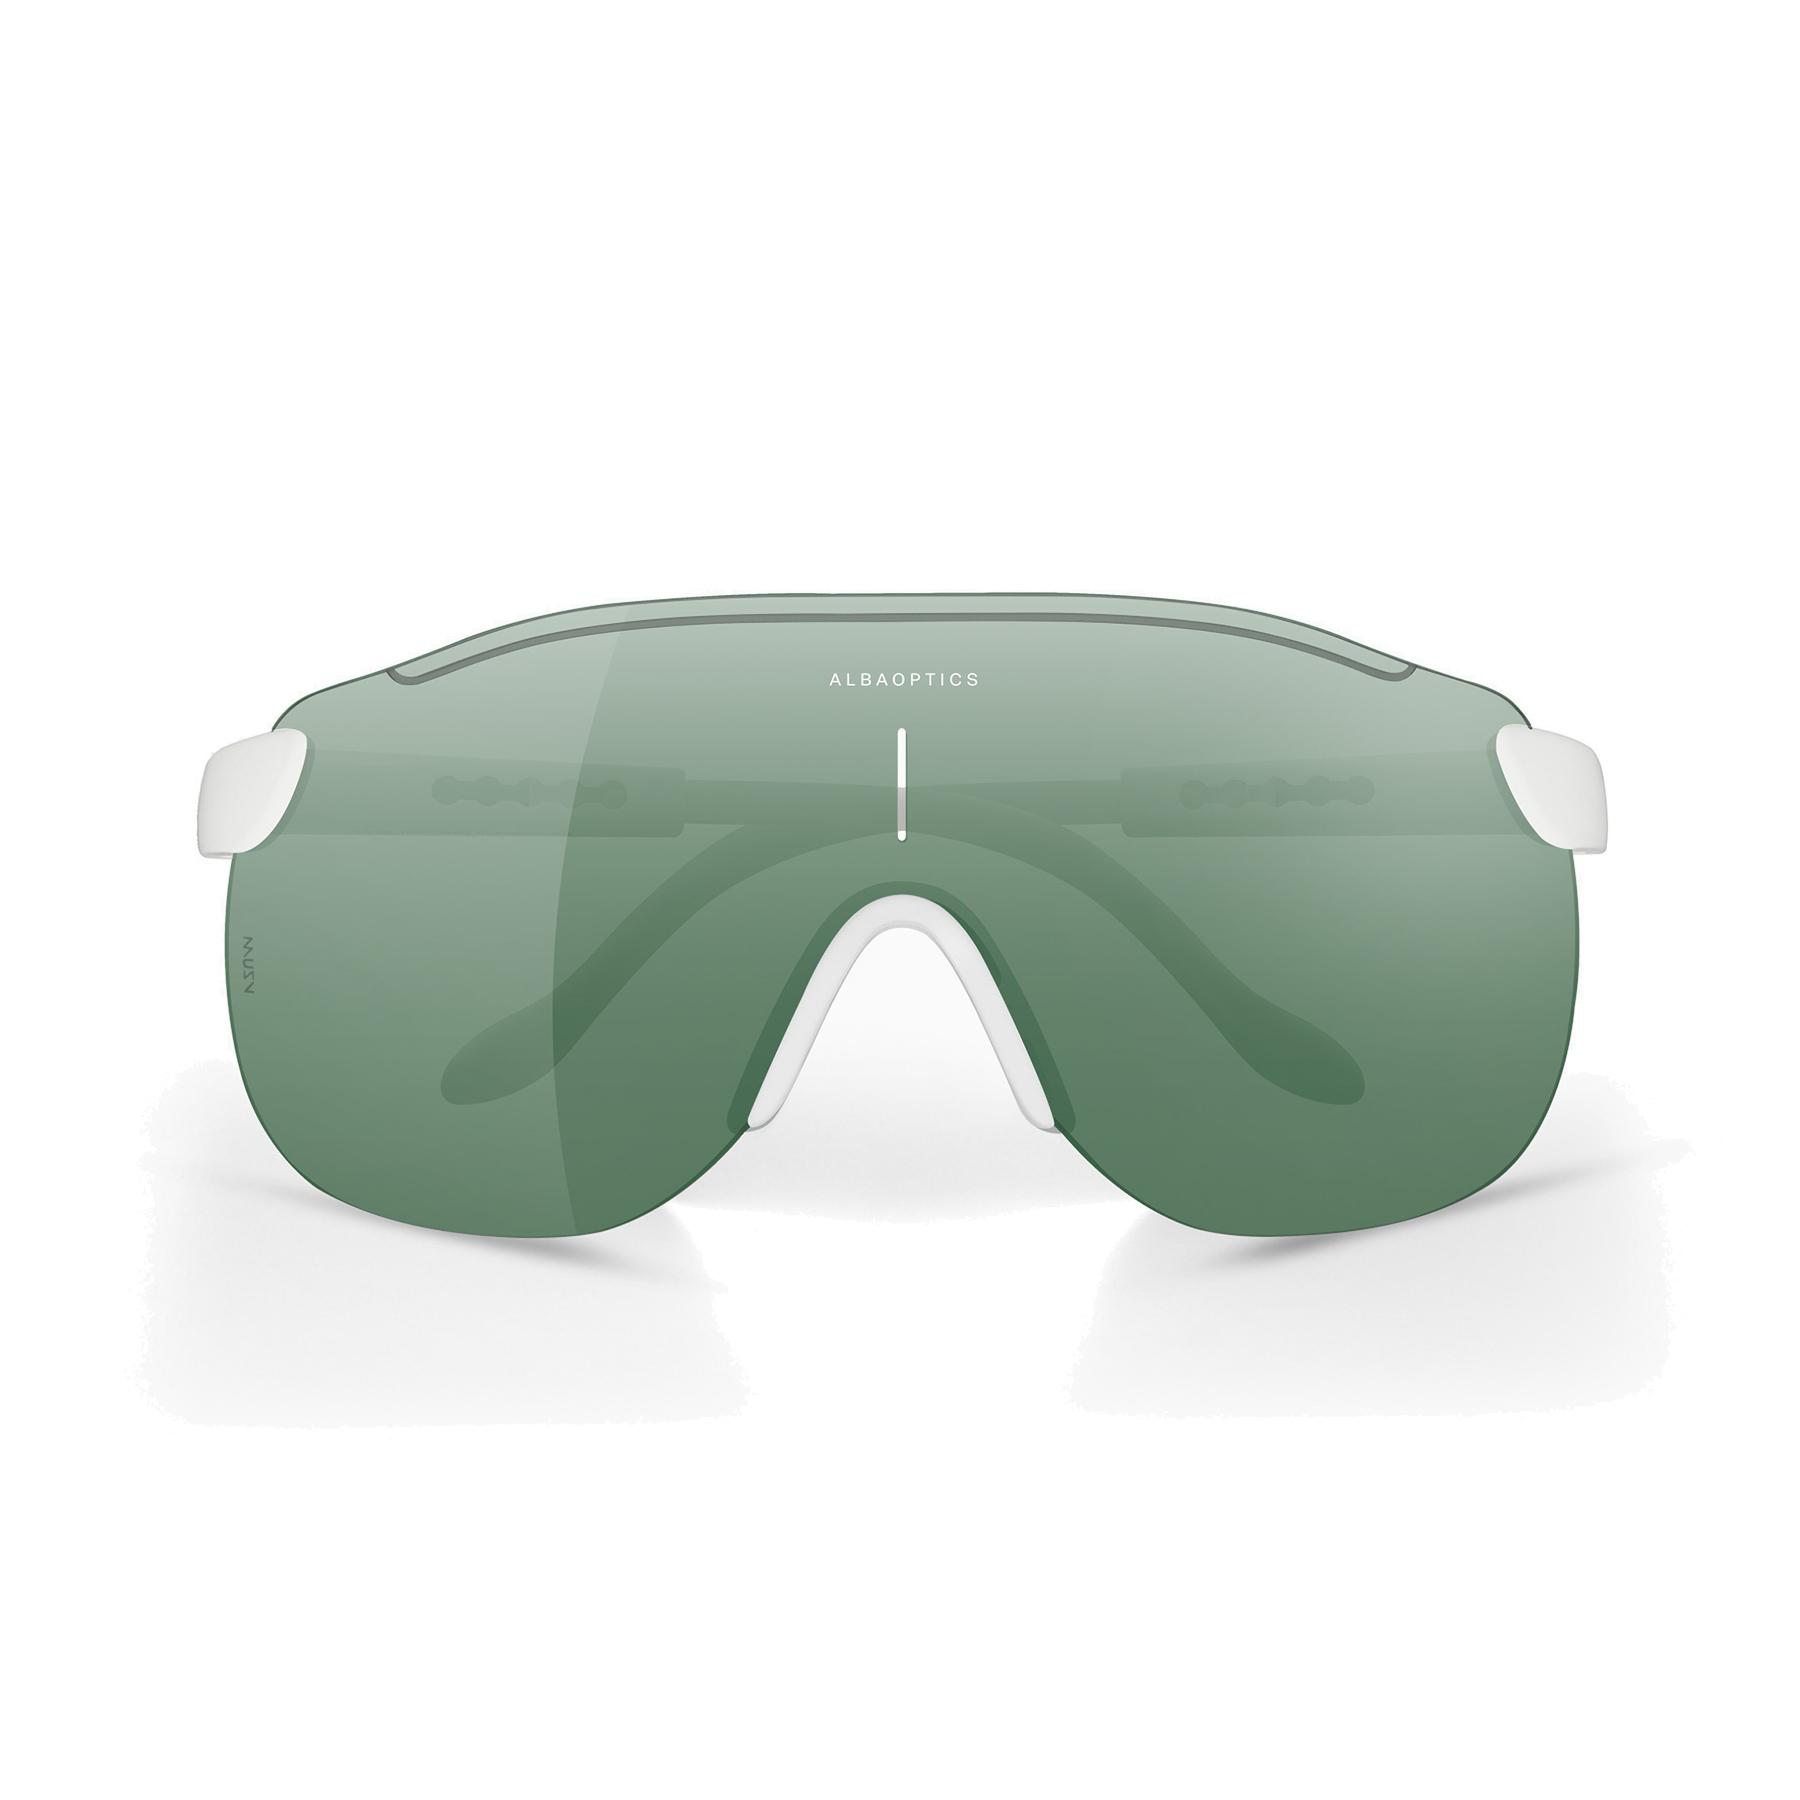 ALBA Stratos White / Leaf Glasses